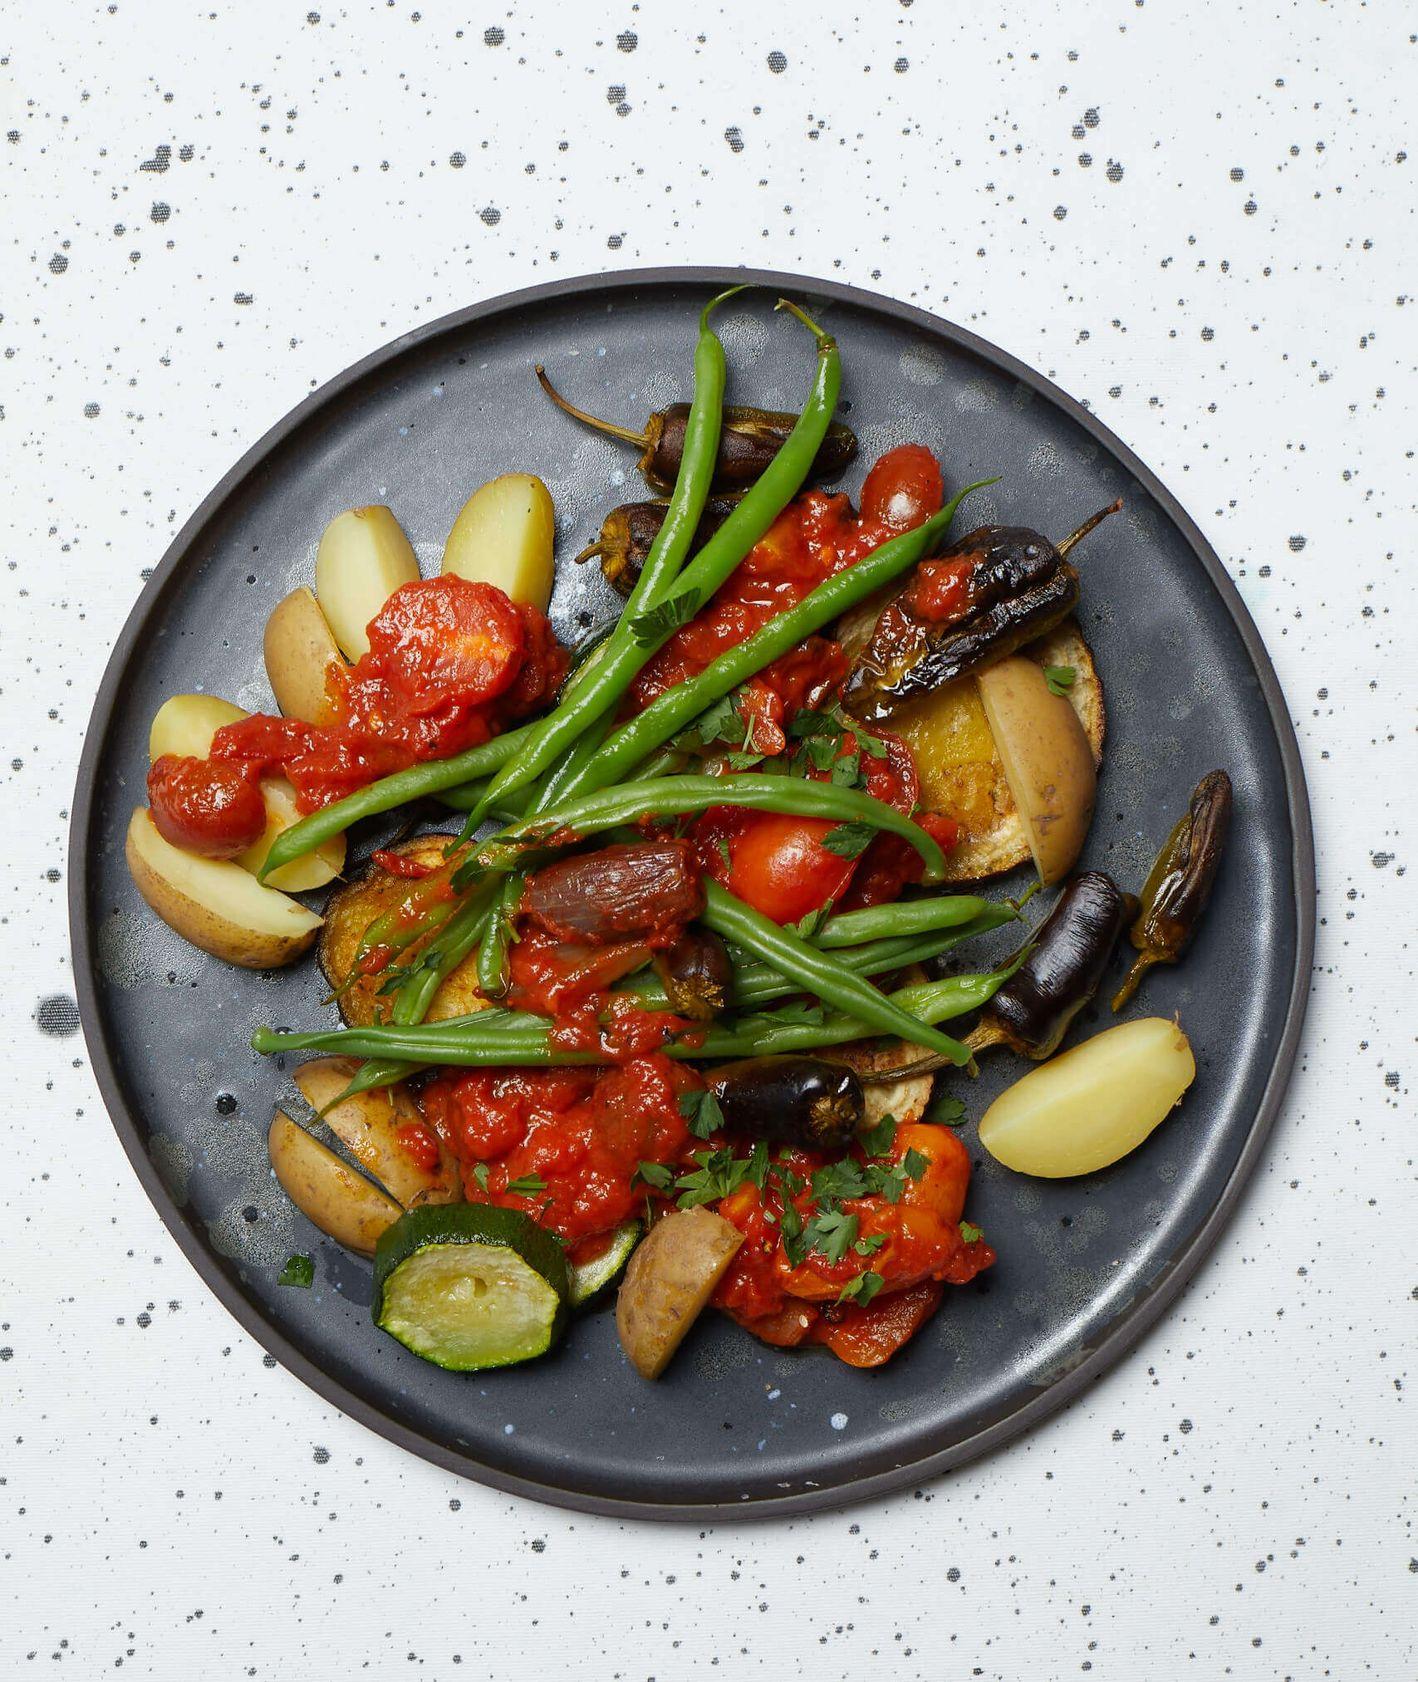 adżapsandal, kuchnia gruzińska, pieczone warzywa, pieczone ziemniaki, fasolka szparagowa, pieczone pomidory, sos pomidorowy, zdrowe jedzenie, fit, zdrowy obiad